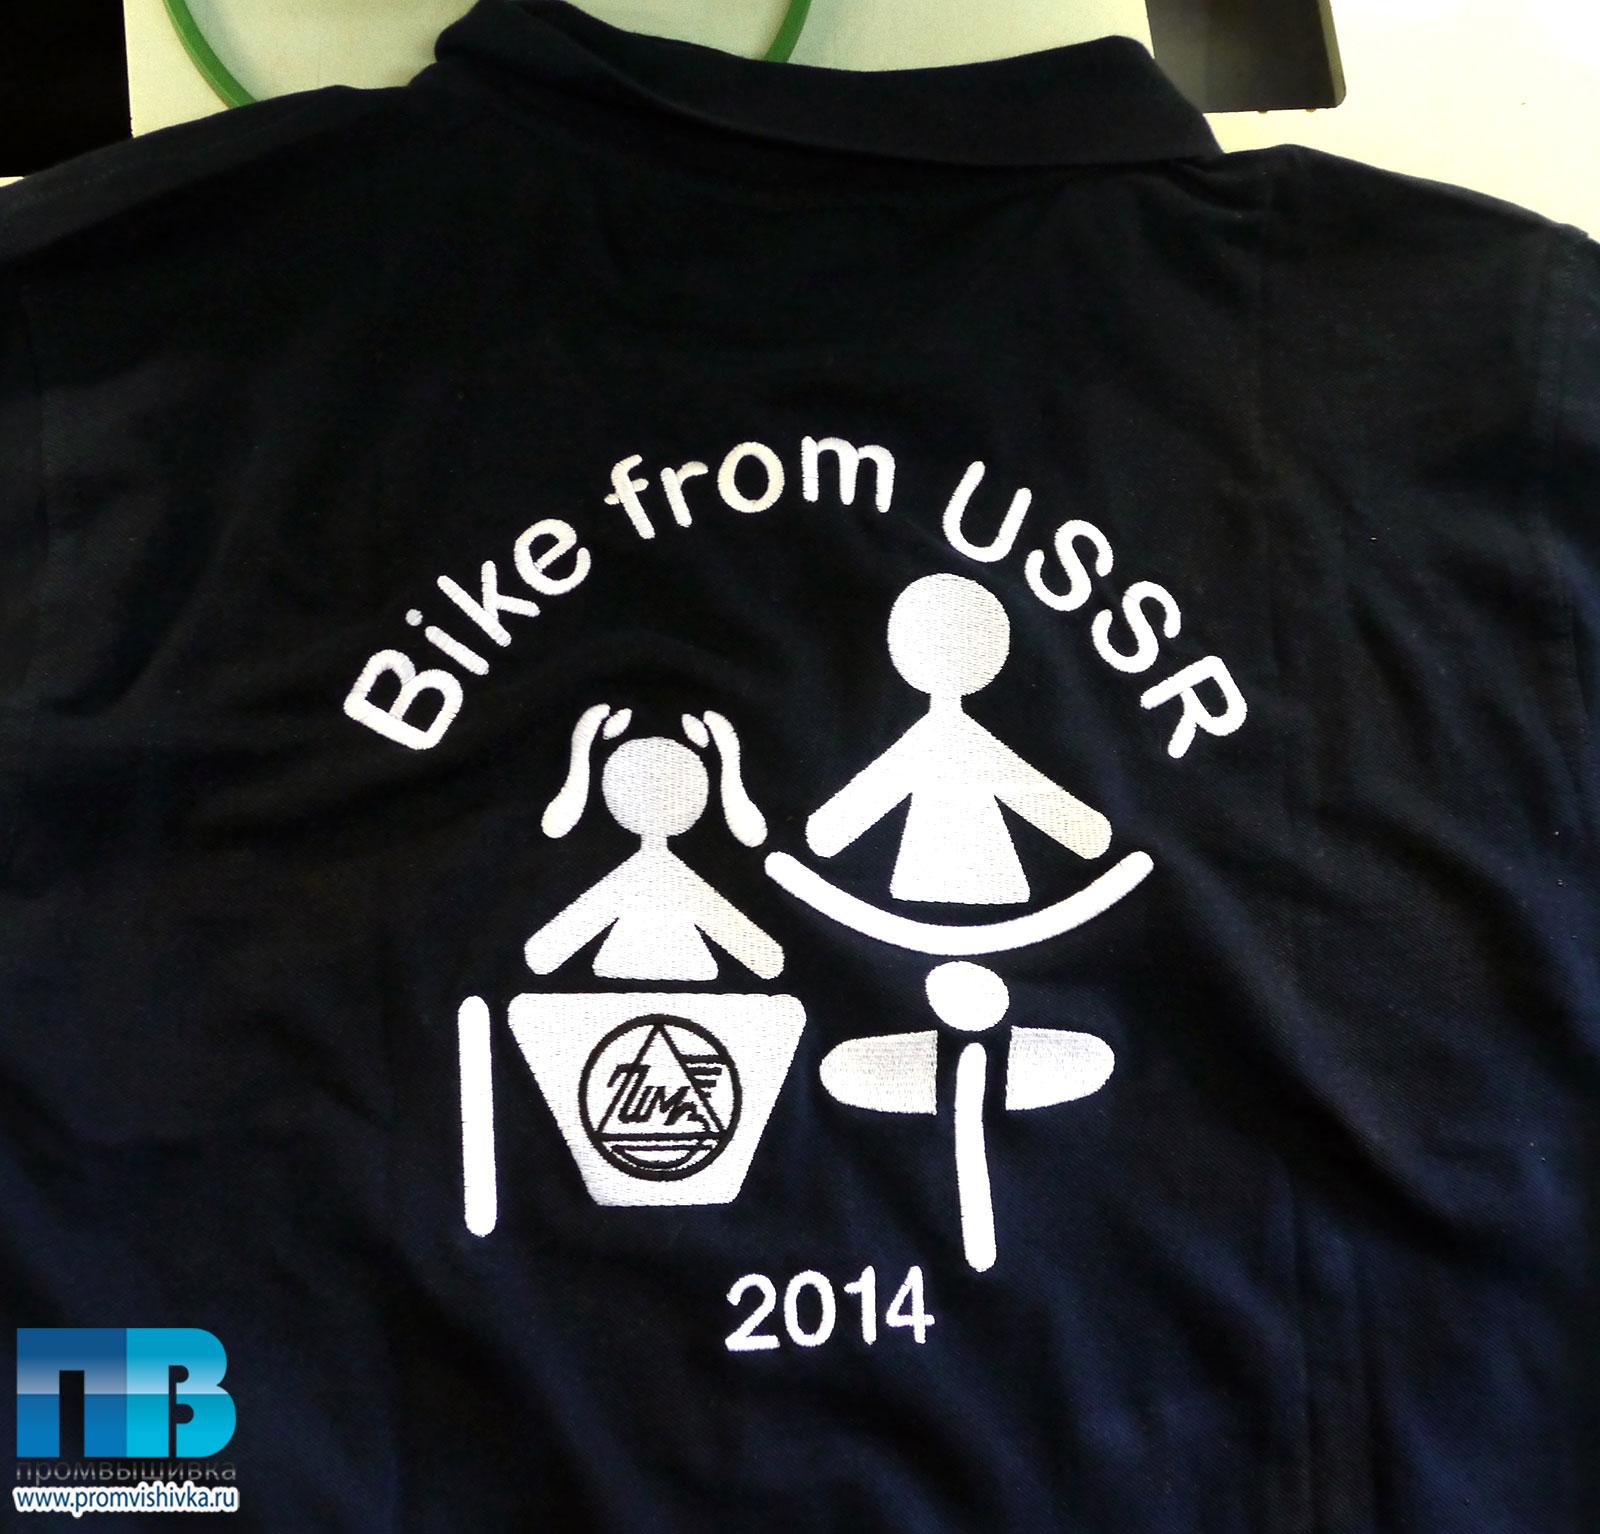 Вышивка на футболке (серебряная металлизированная нить. Футболки с именами  Bike from USSR fa4ec263299f9